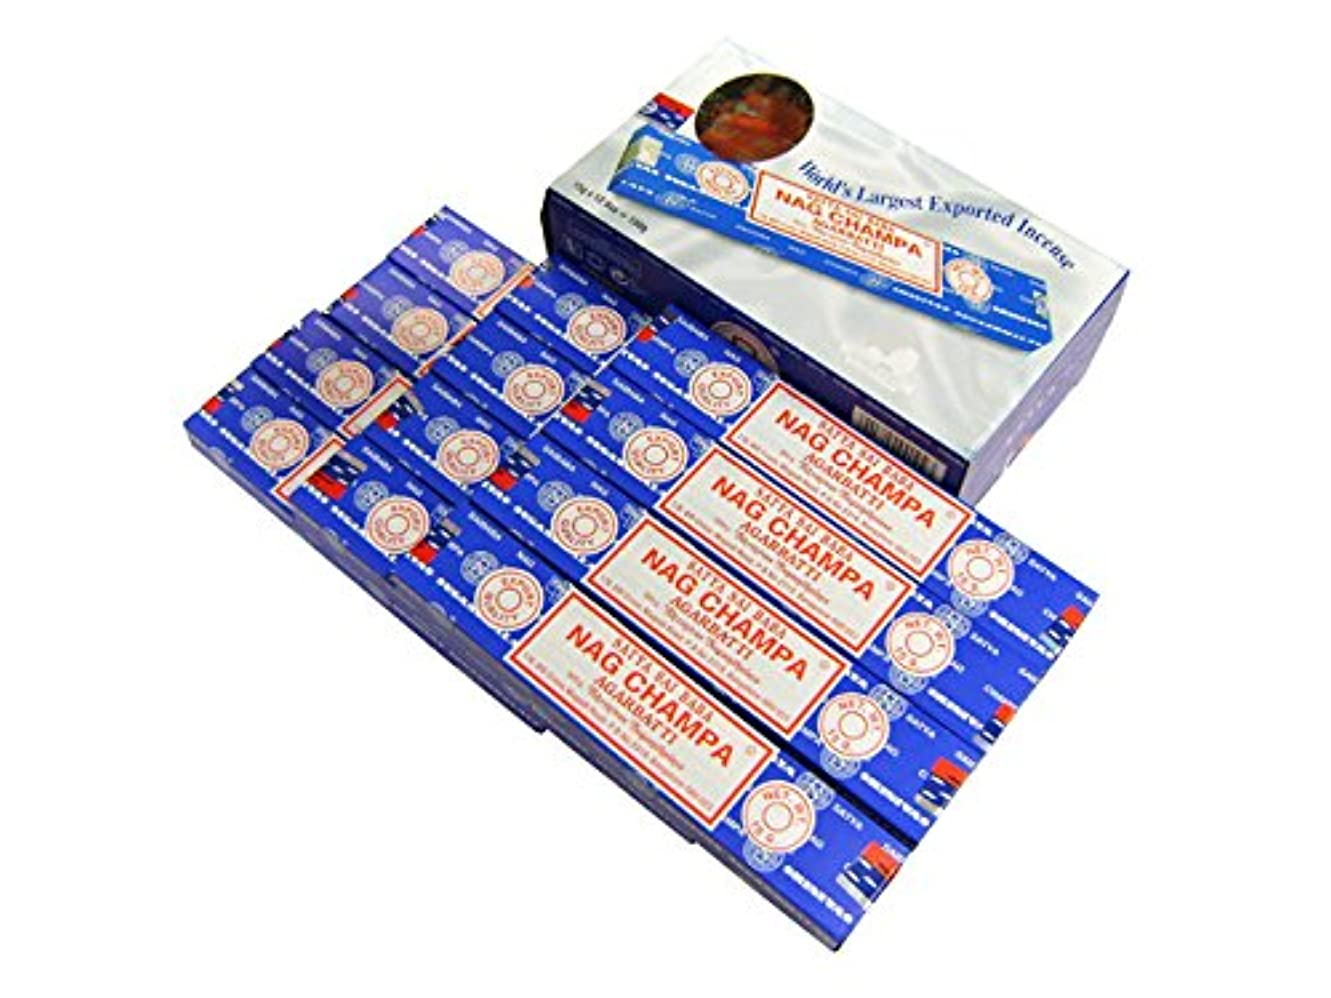 完璧チャート学生SATYA(サチャ) サイババ ナグチャンパ香 スティックSAI BABA NAG CHAMPA 12箱セット